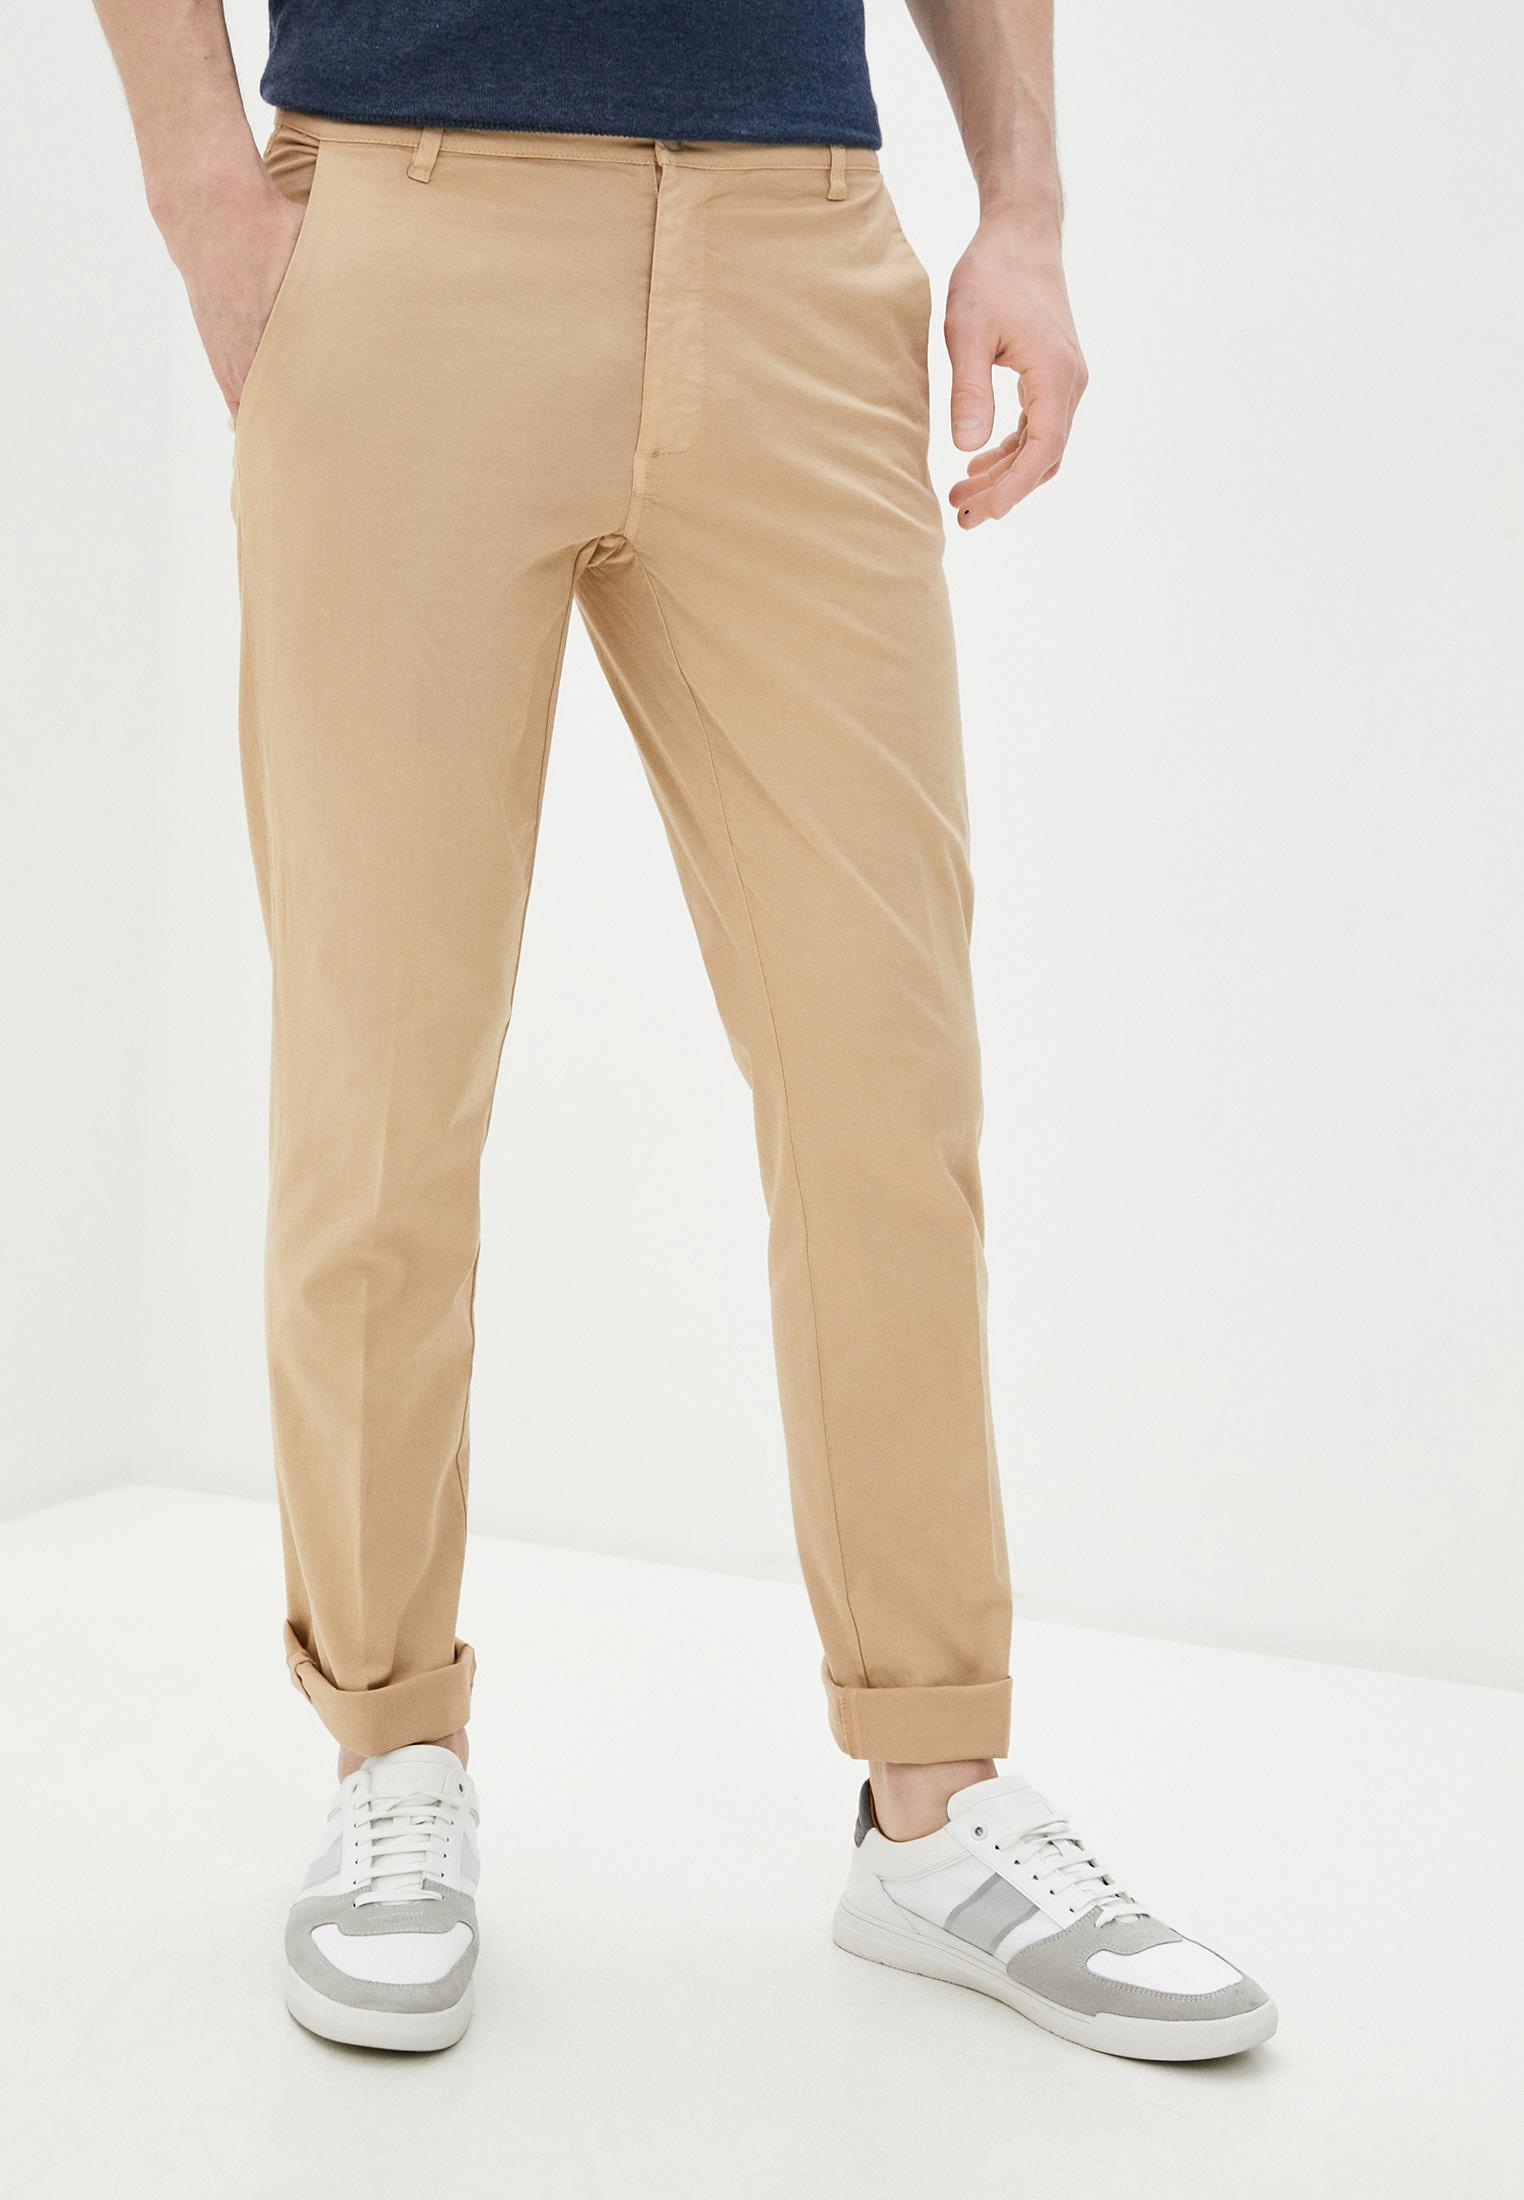 Мужские повседневные брюки Twinset Milano US824N